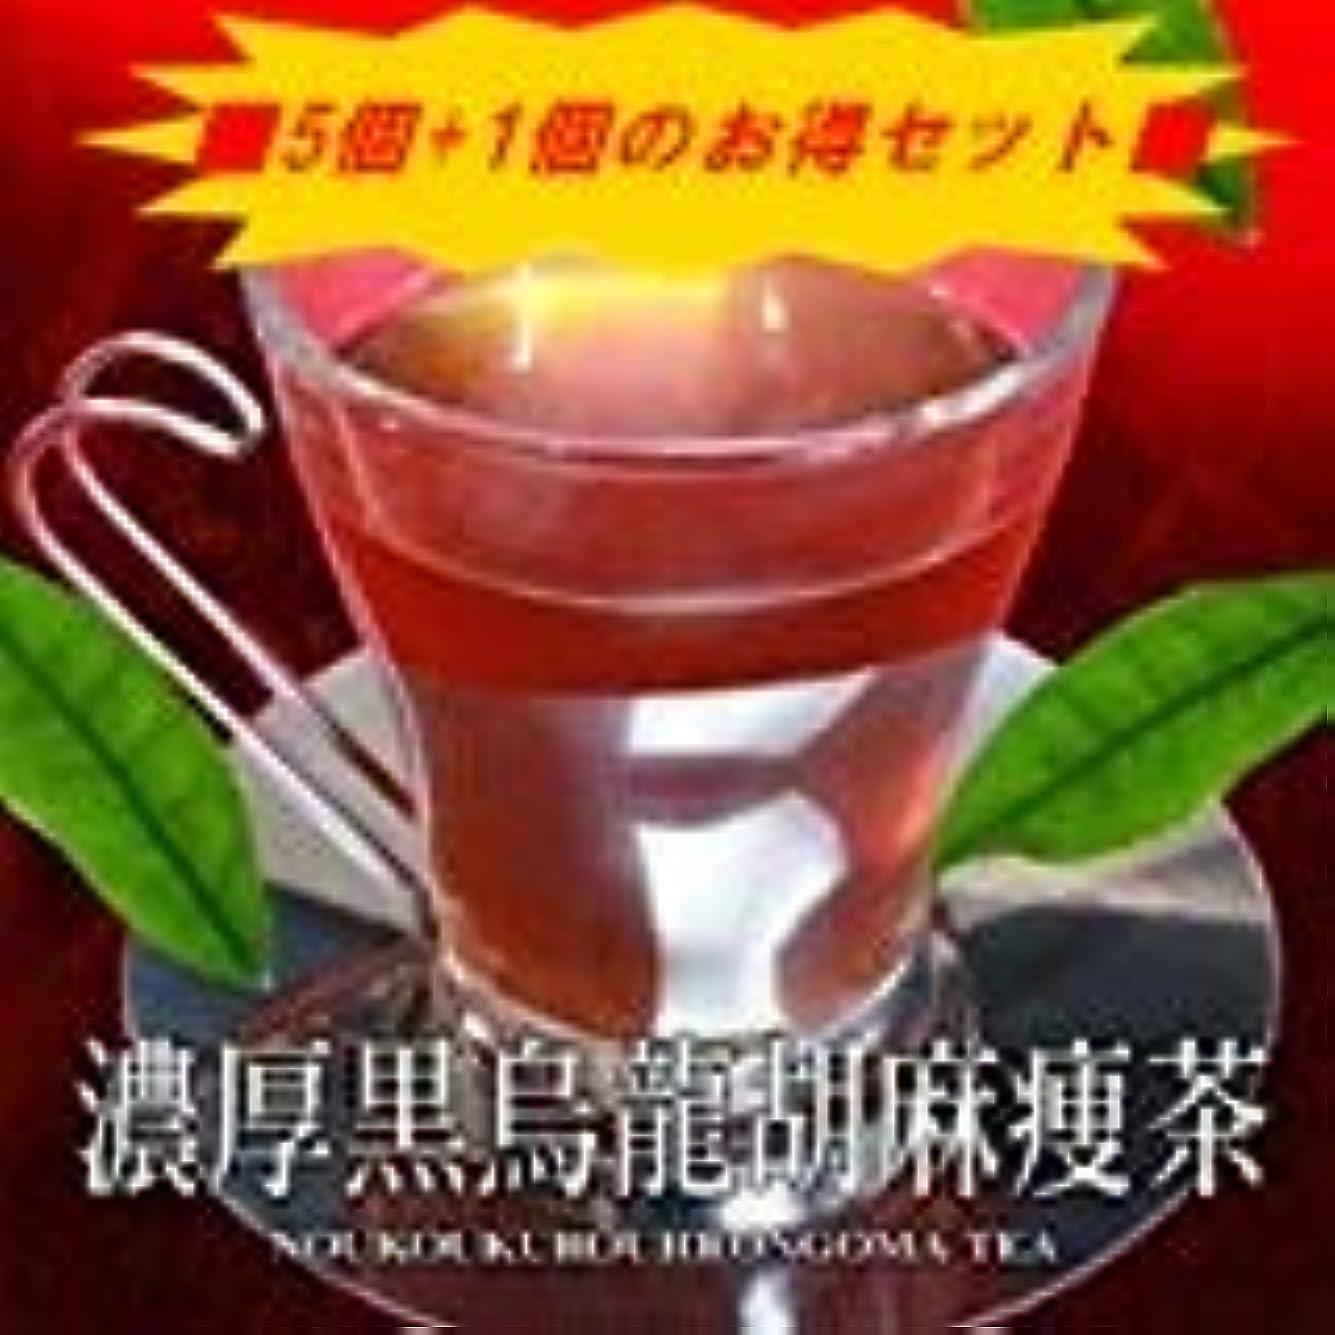 連合ホイップ下手濃厚黒烏龍胡麻痩茶×5個セット+1個おまけ付き?  ごま ゴマ 麦 茶 ウーロン